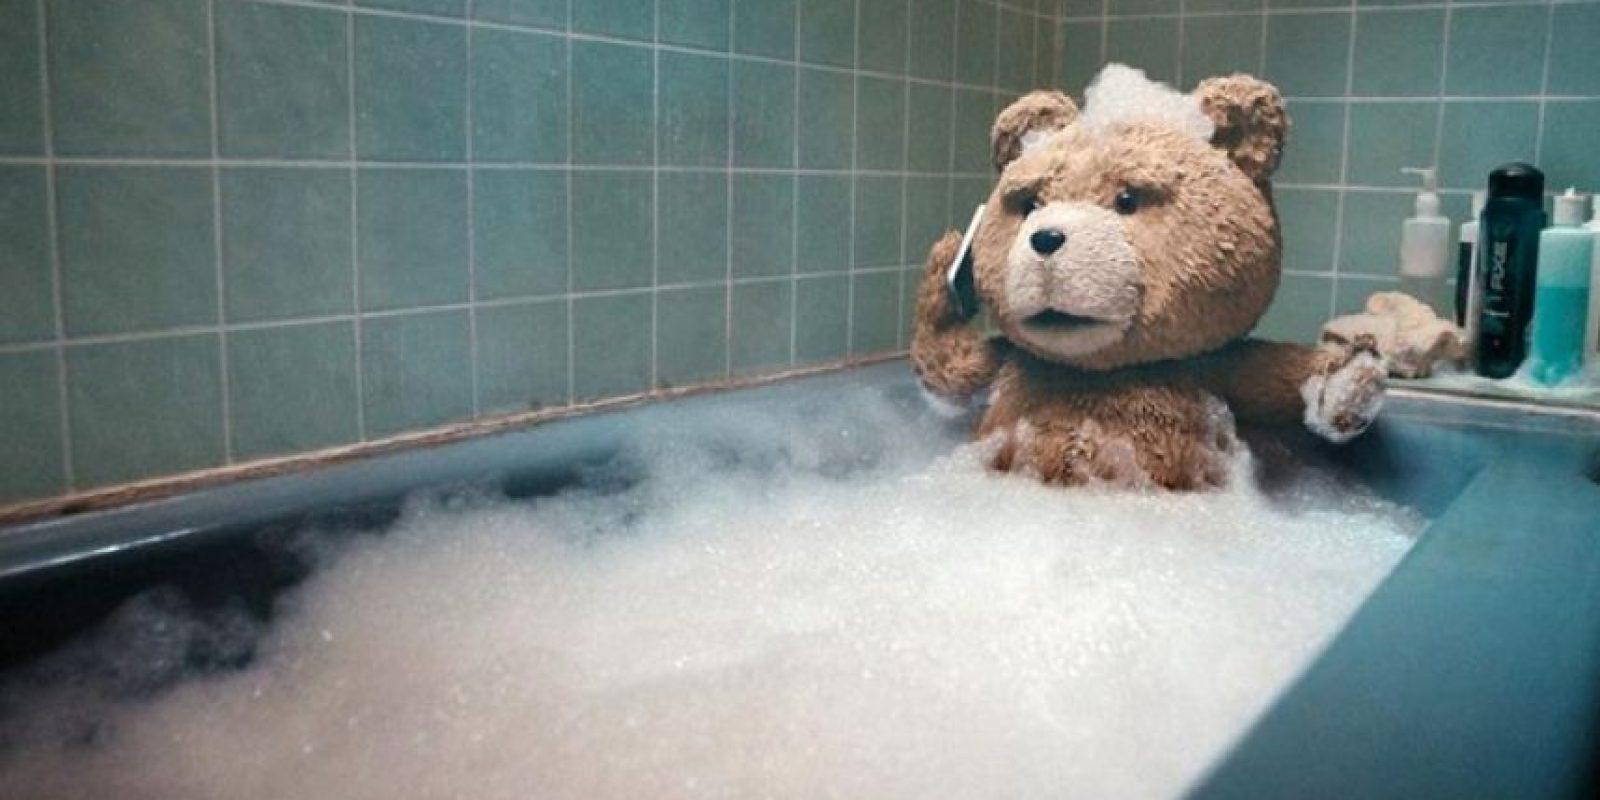 Ted tendrá que enfrentarse a algunos problemas legales para hacer su deseo realidad. Foto:Facebook/Ted